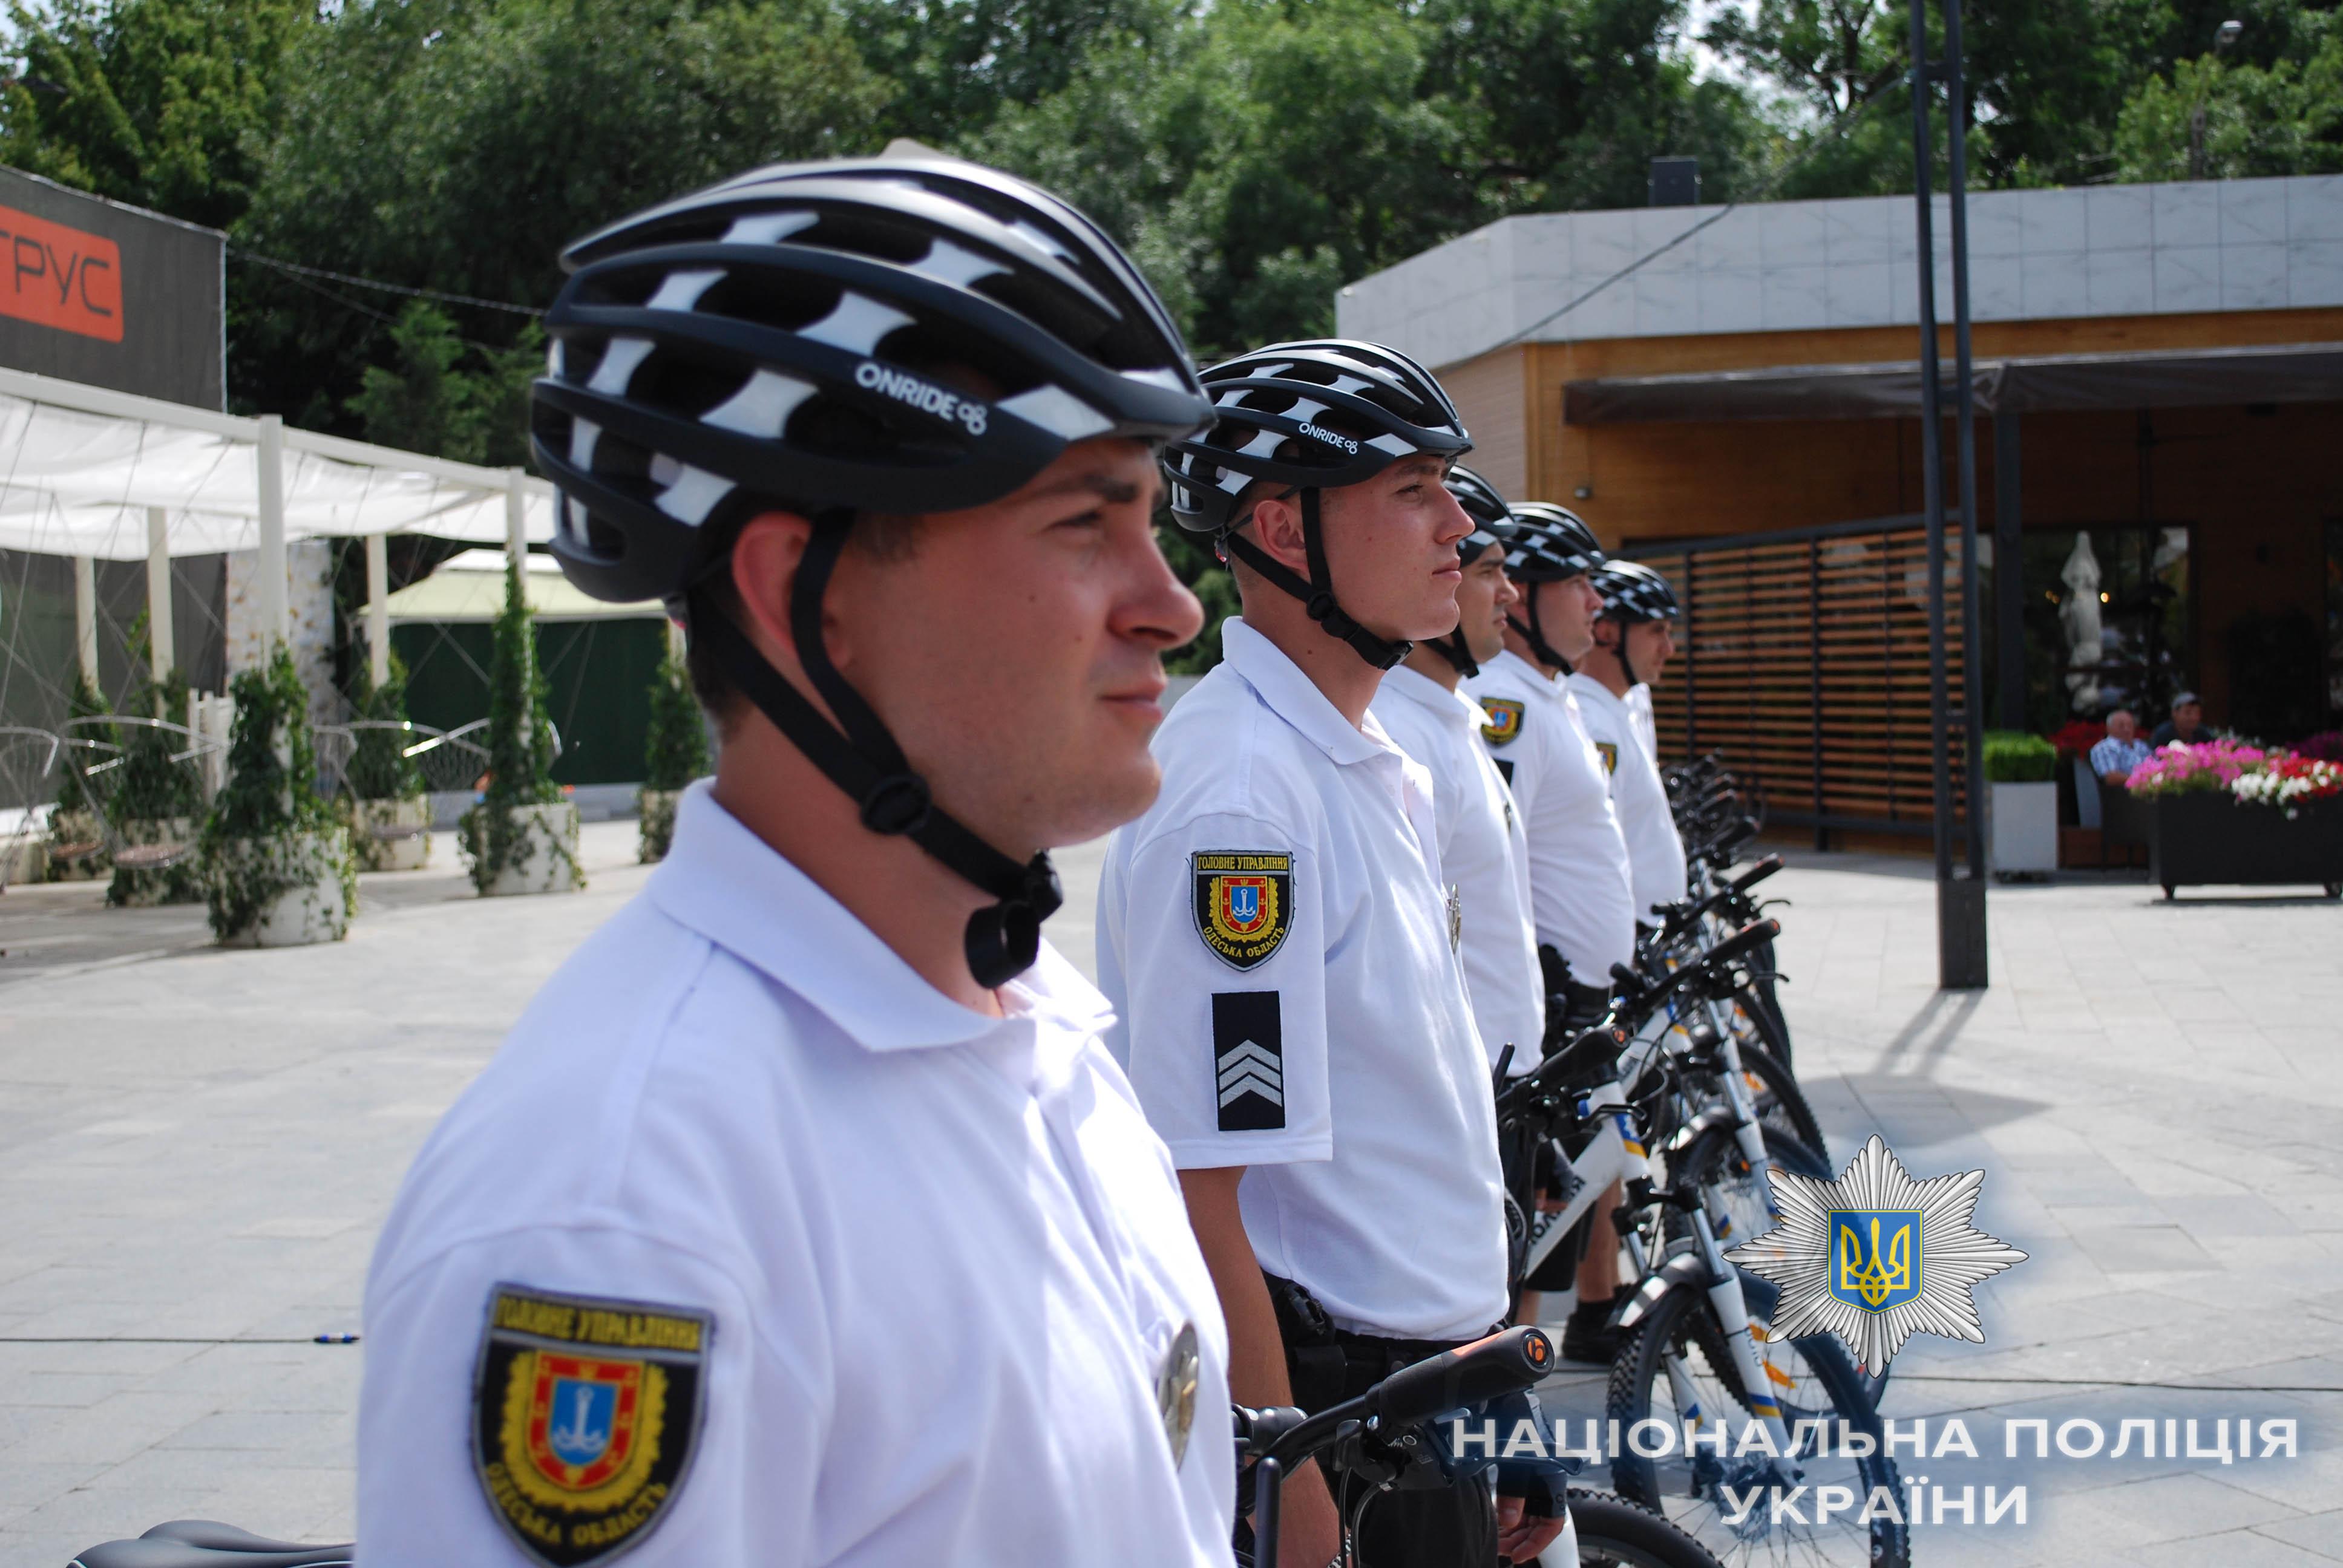 Пляжи Затоки будет инспектировать туристическая полиция на велосипедах